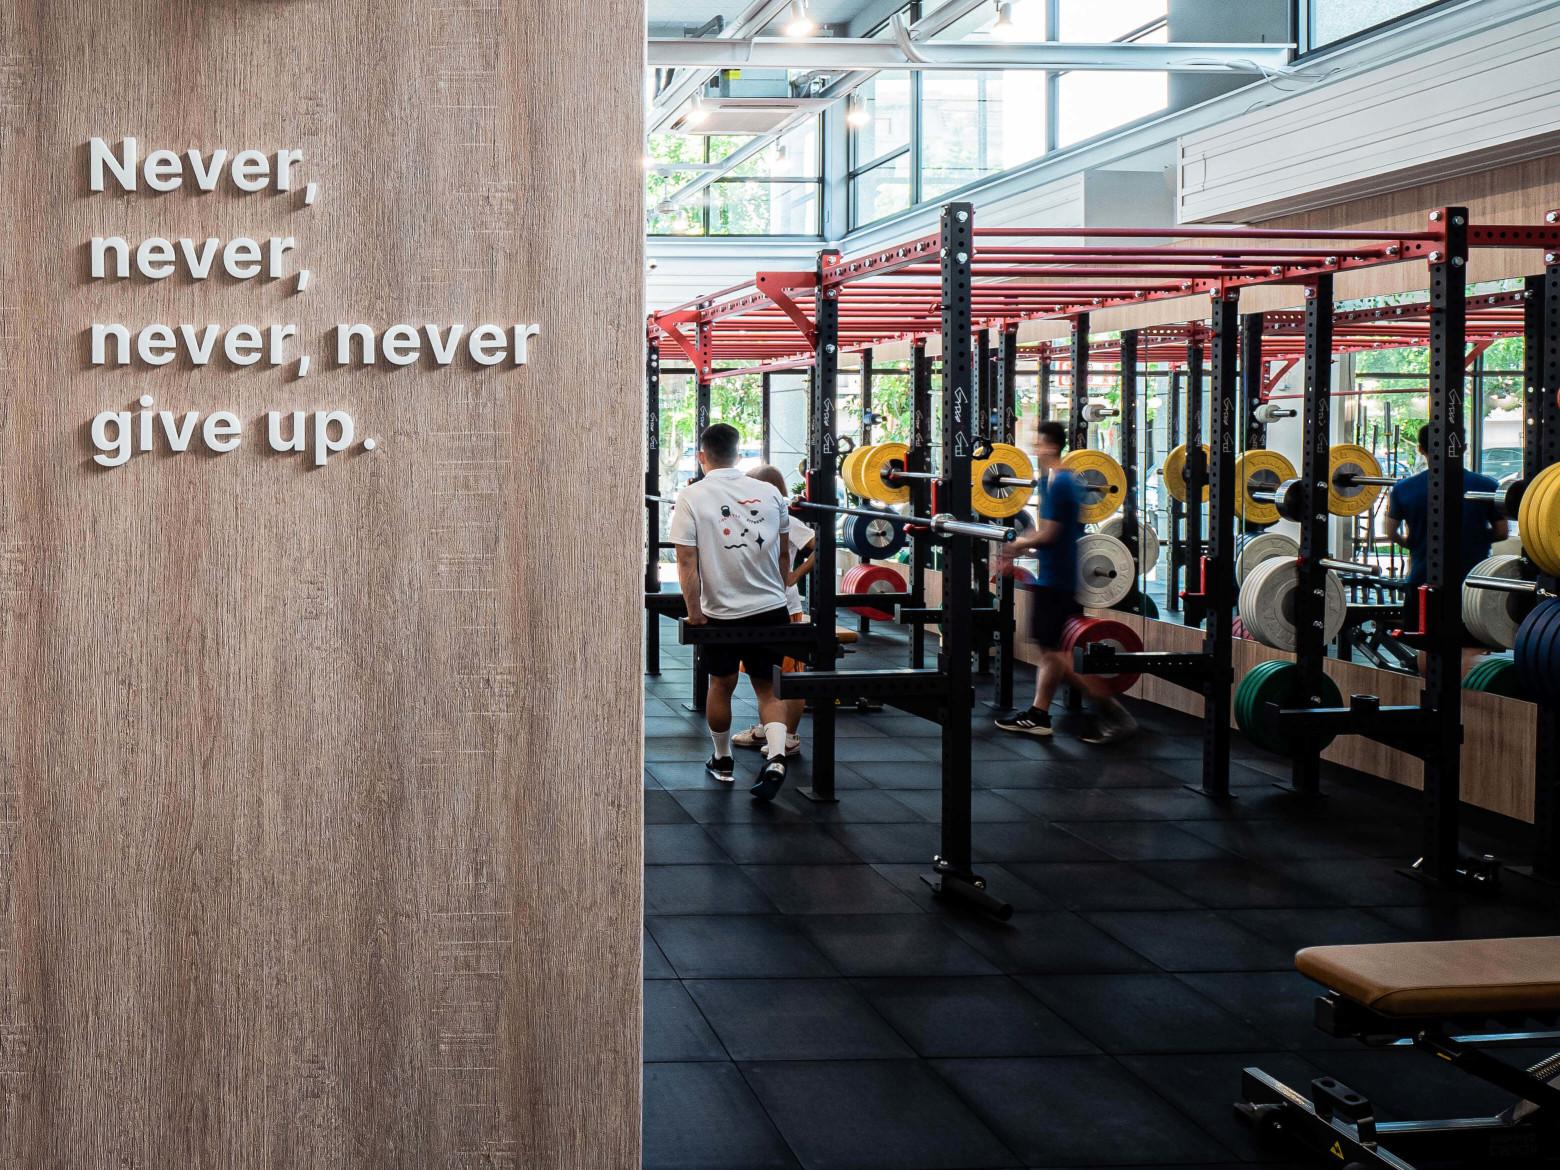 嘉義健身房室內空間設計-英文標語|塔索肌力與體能訓練中心